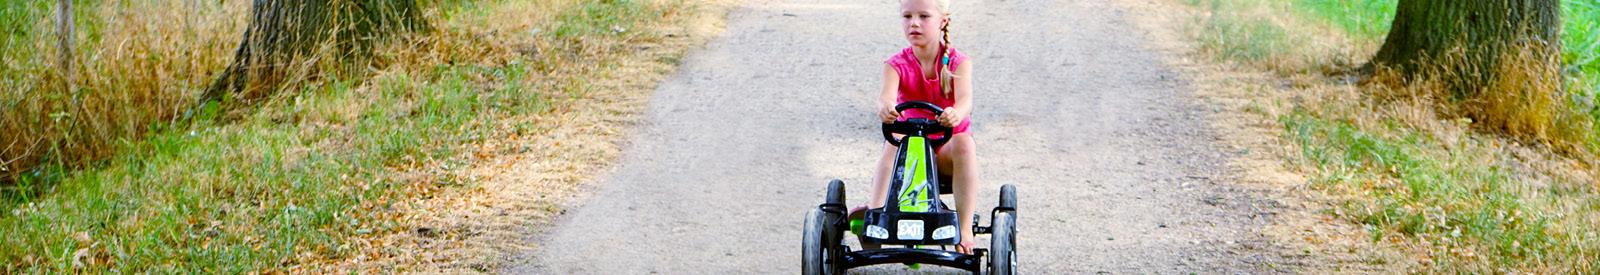 Kinderfietsen en rijtuigen